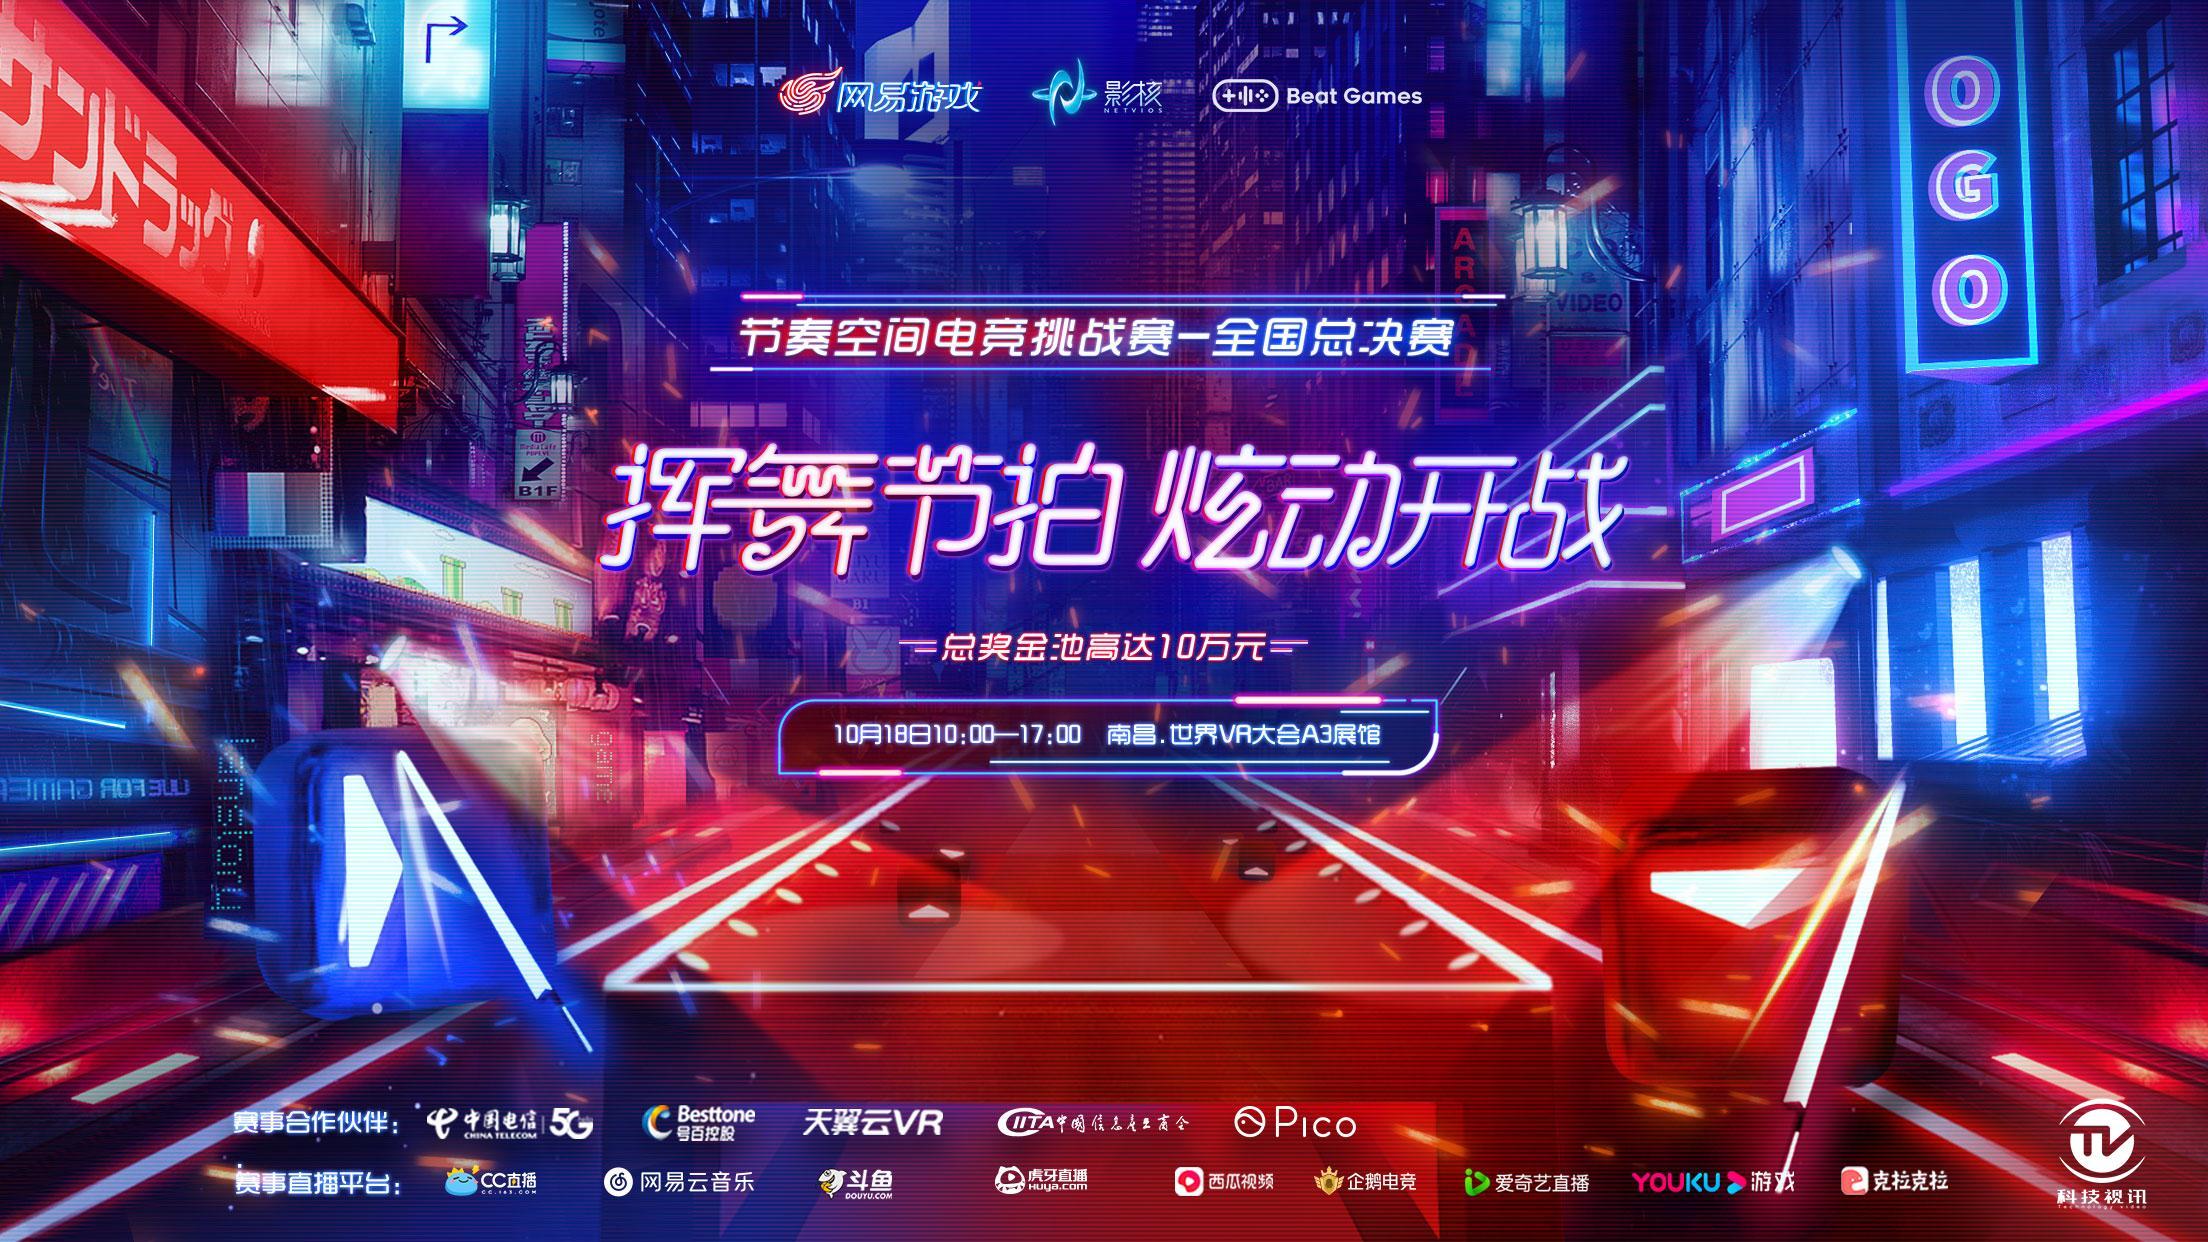 图1:《节奏空间》电竞挑战赛全国总决赛即将开启!.jpg